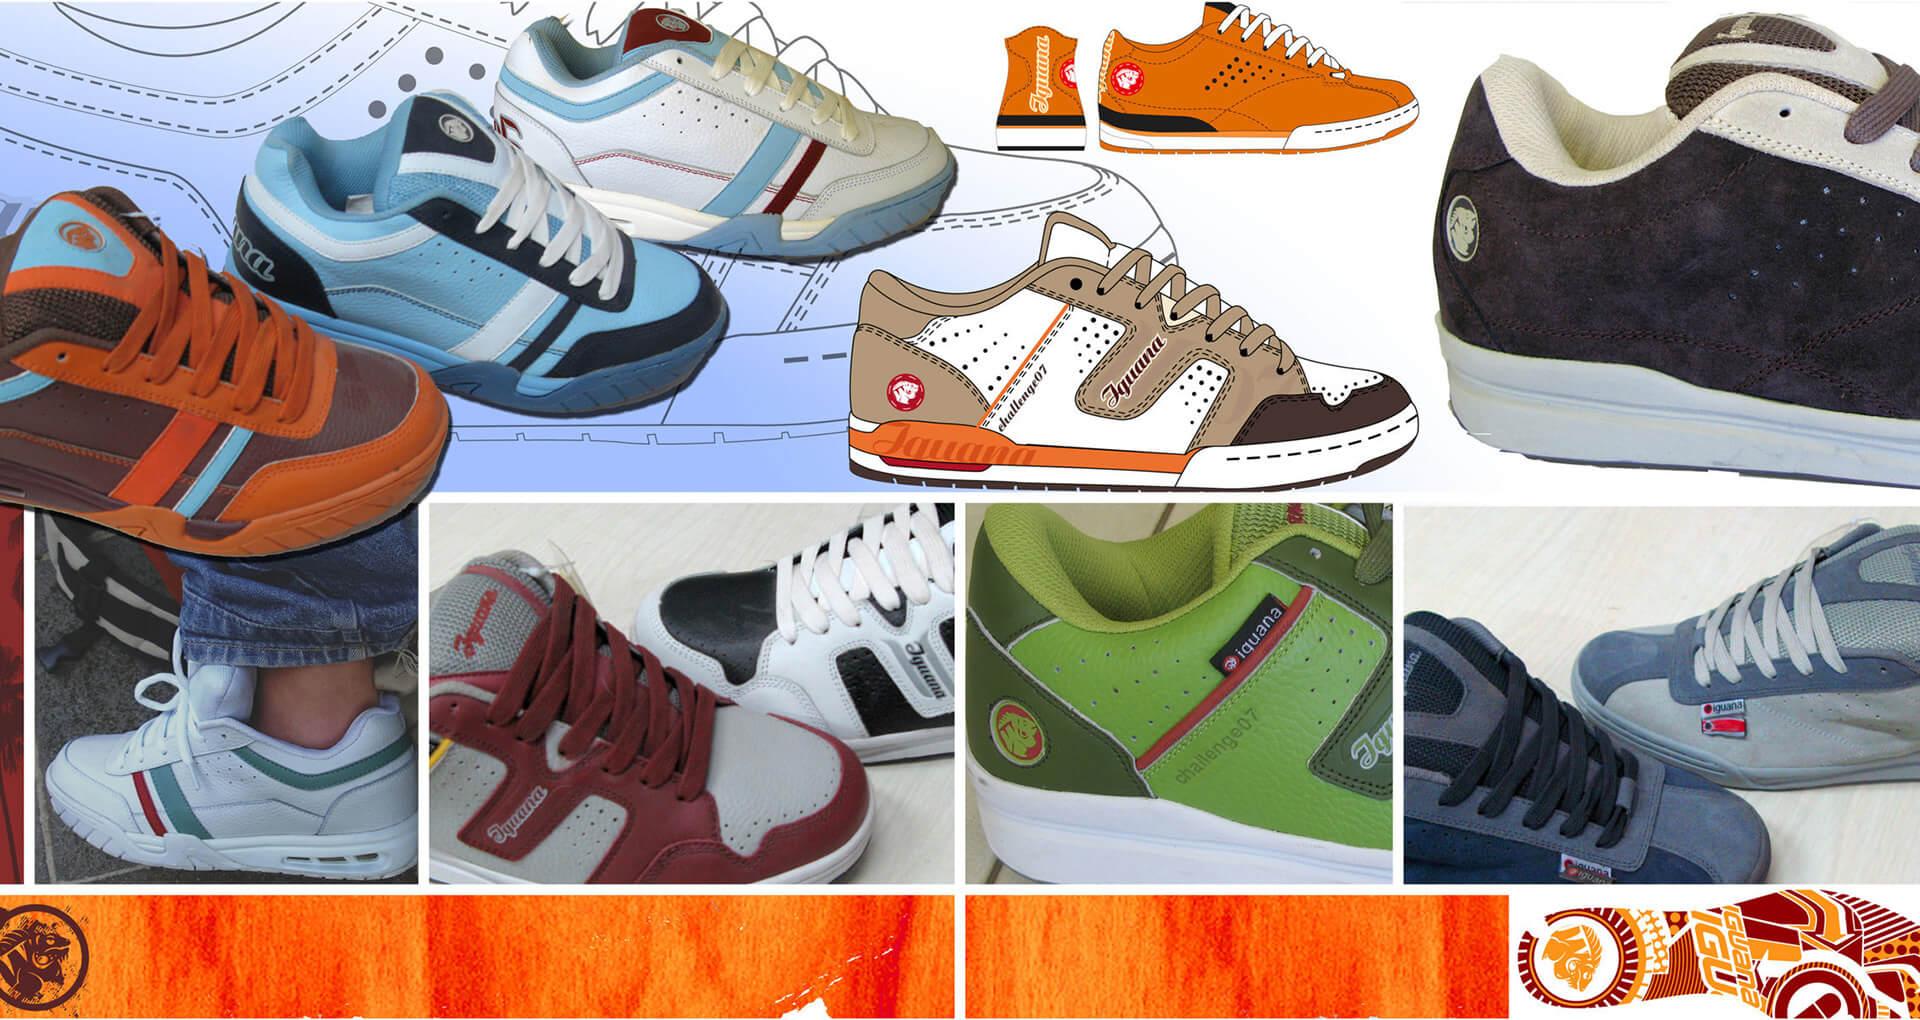 produkt design münchen taschen accessories snowboards surfbaords hats gloves bags shoes sandals 5